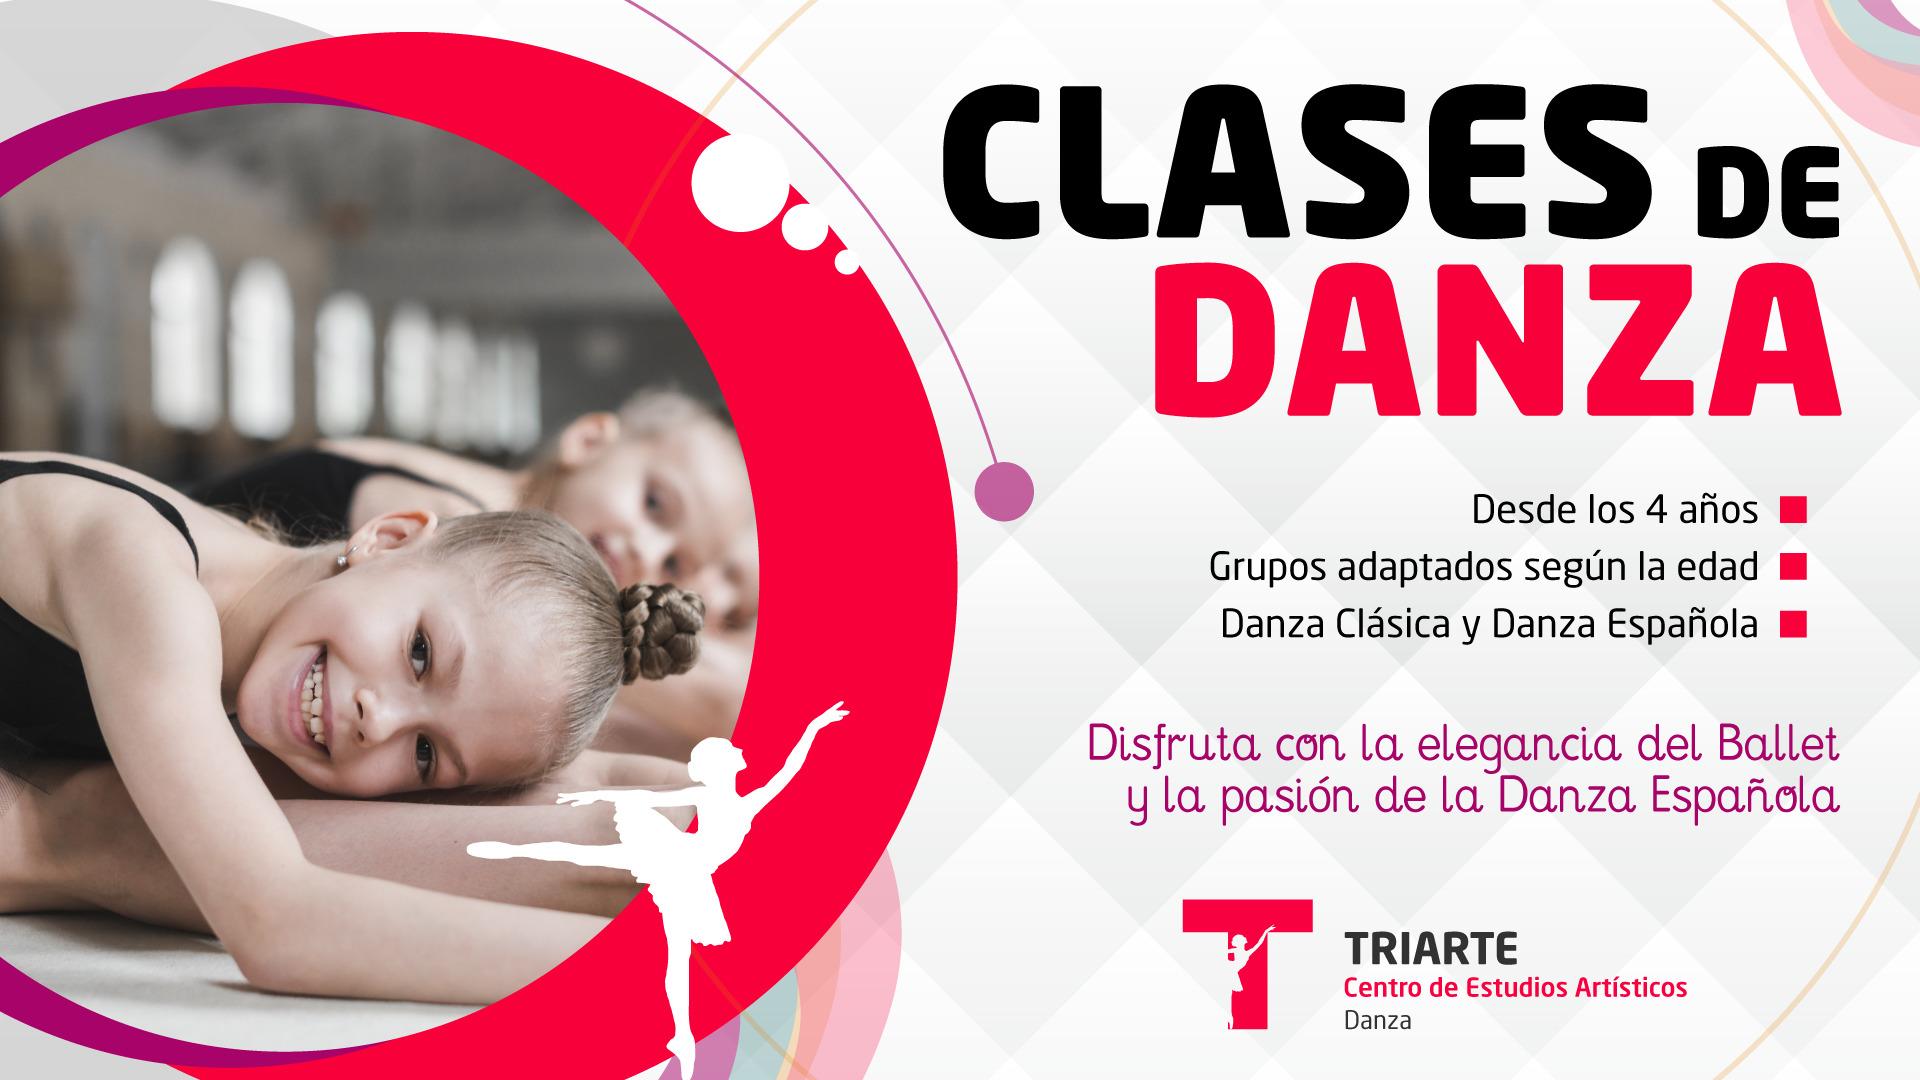 81e8dcc8c6 Nuestro centro imparte clases de Danza Clásica o Ballet y clases de Danza  Española en Málaga para niños a partir de 4 años y sin límite de edad. A  esta edad ...